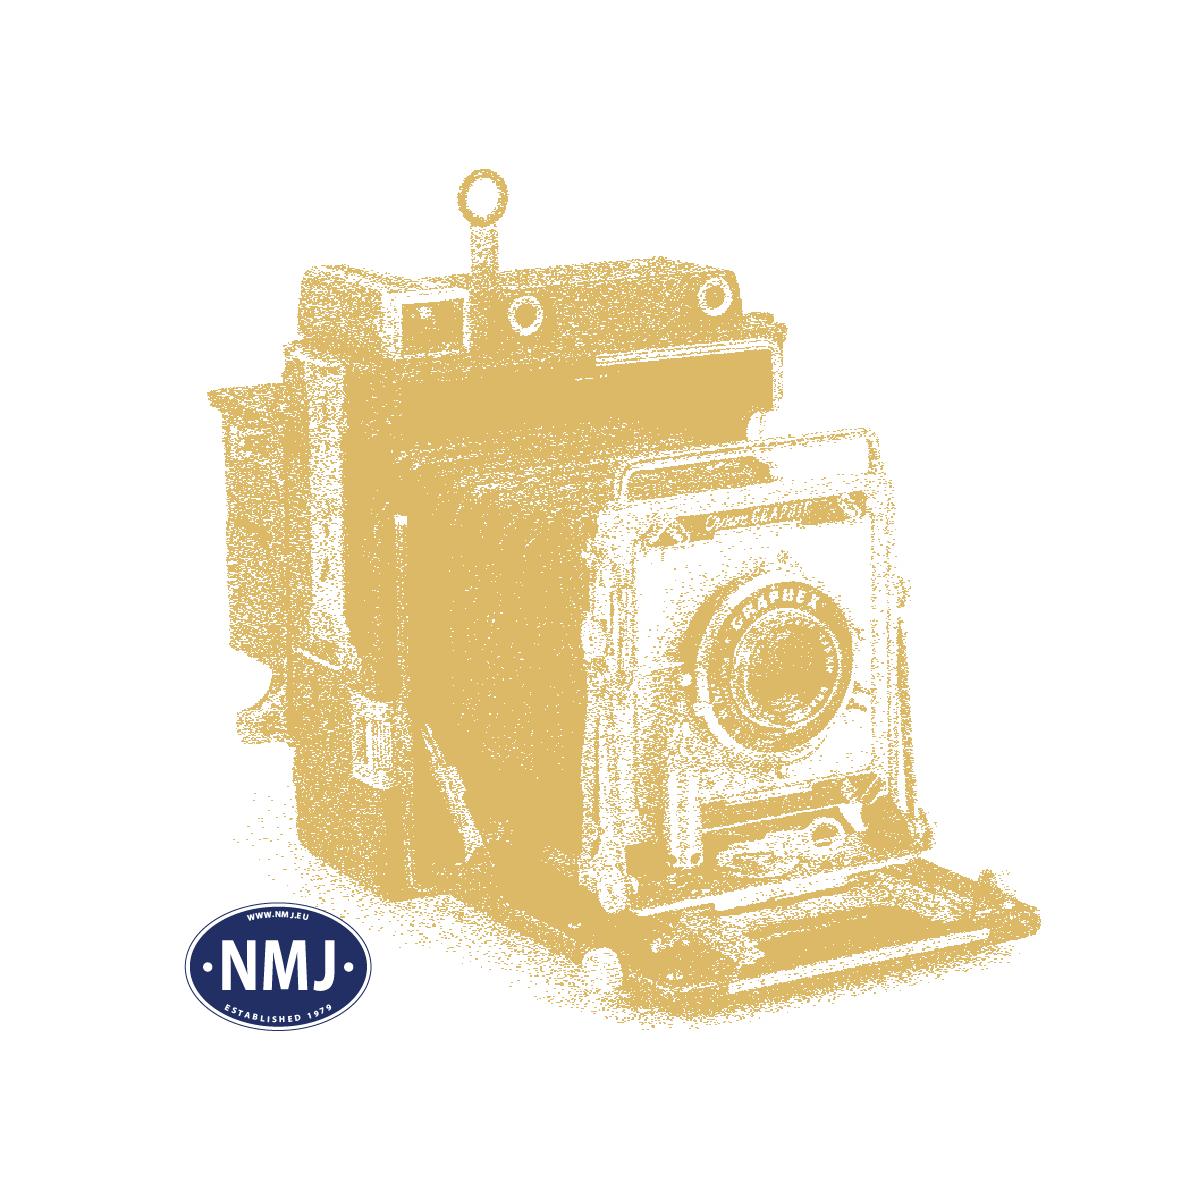 NMJB1130 - Norske Plakater, Ark 4